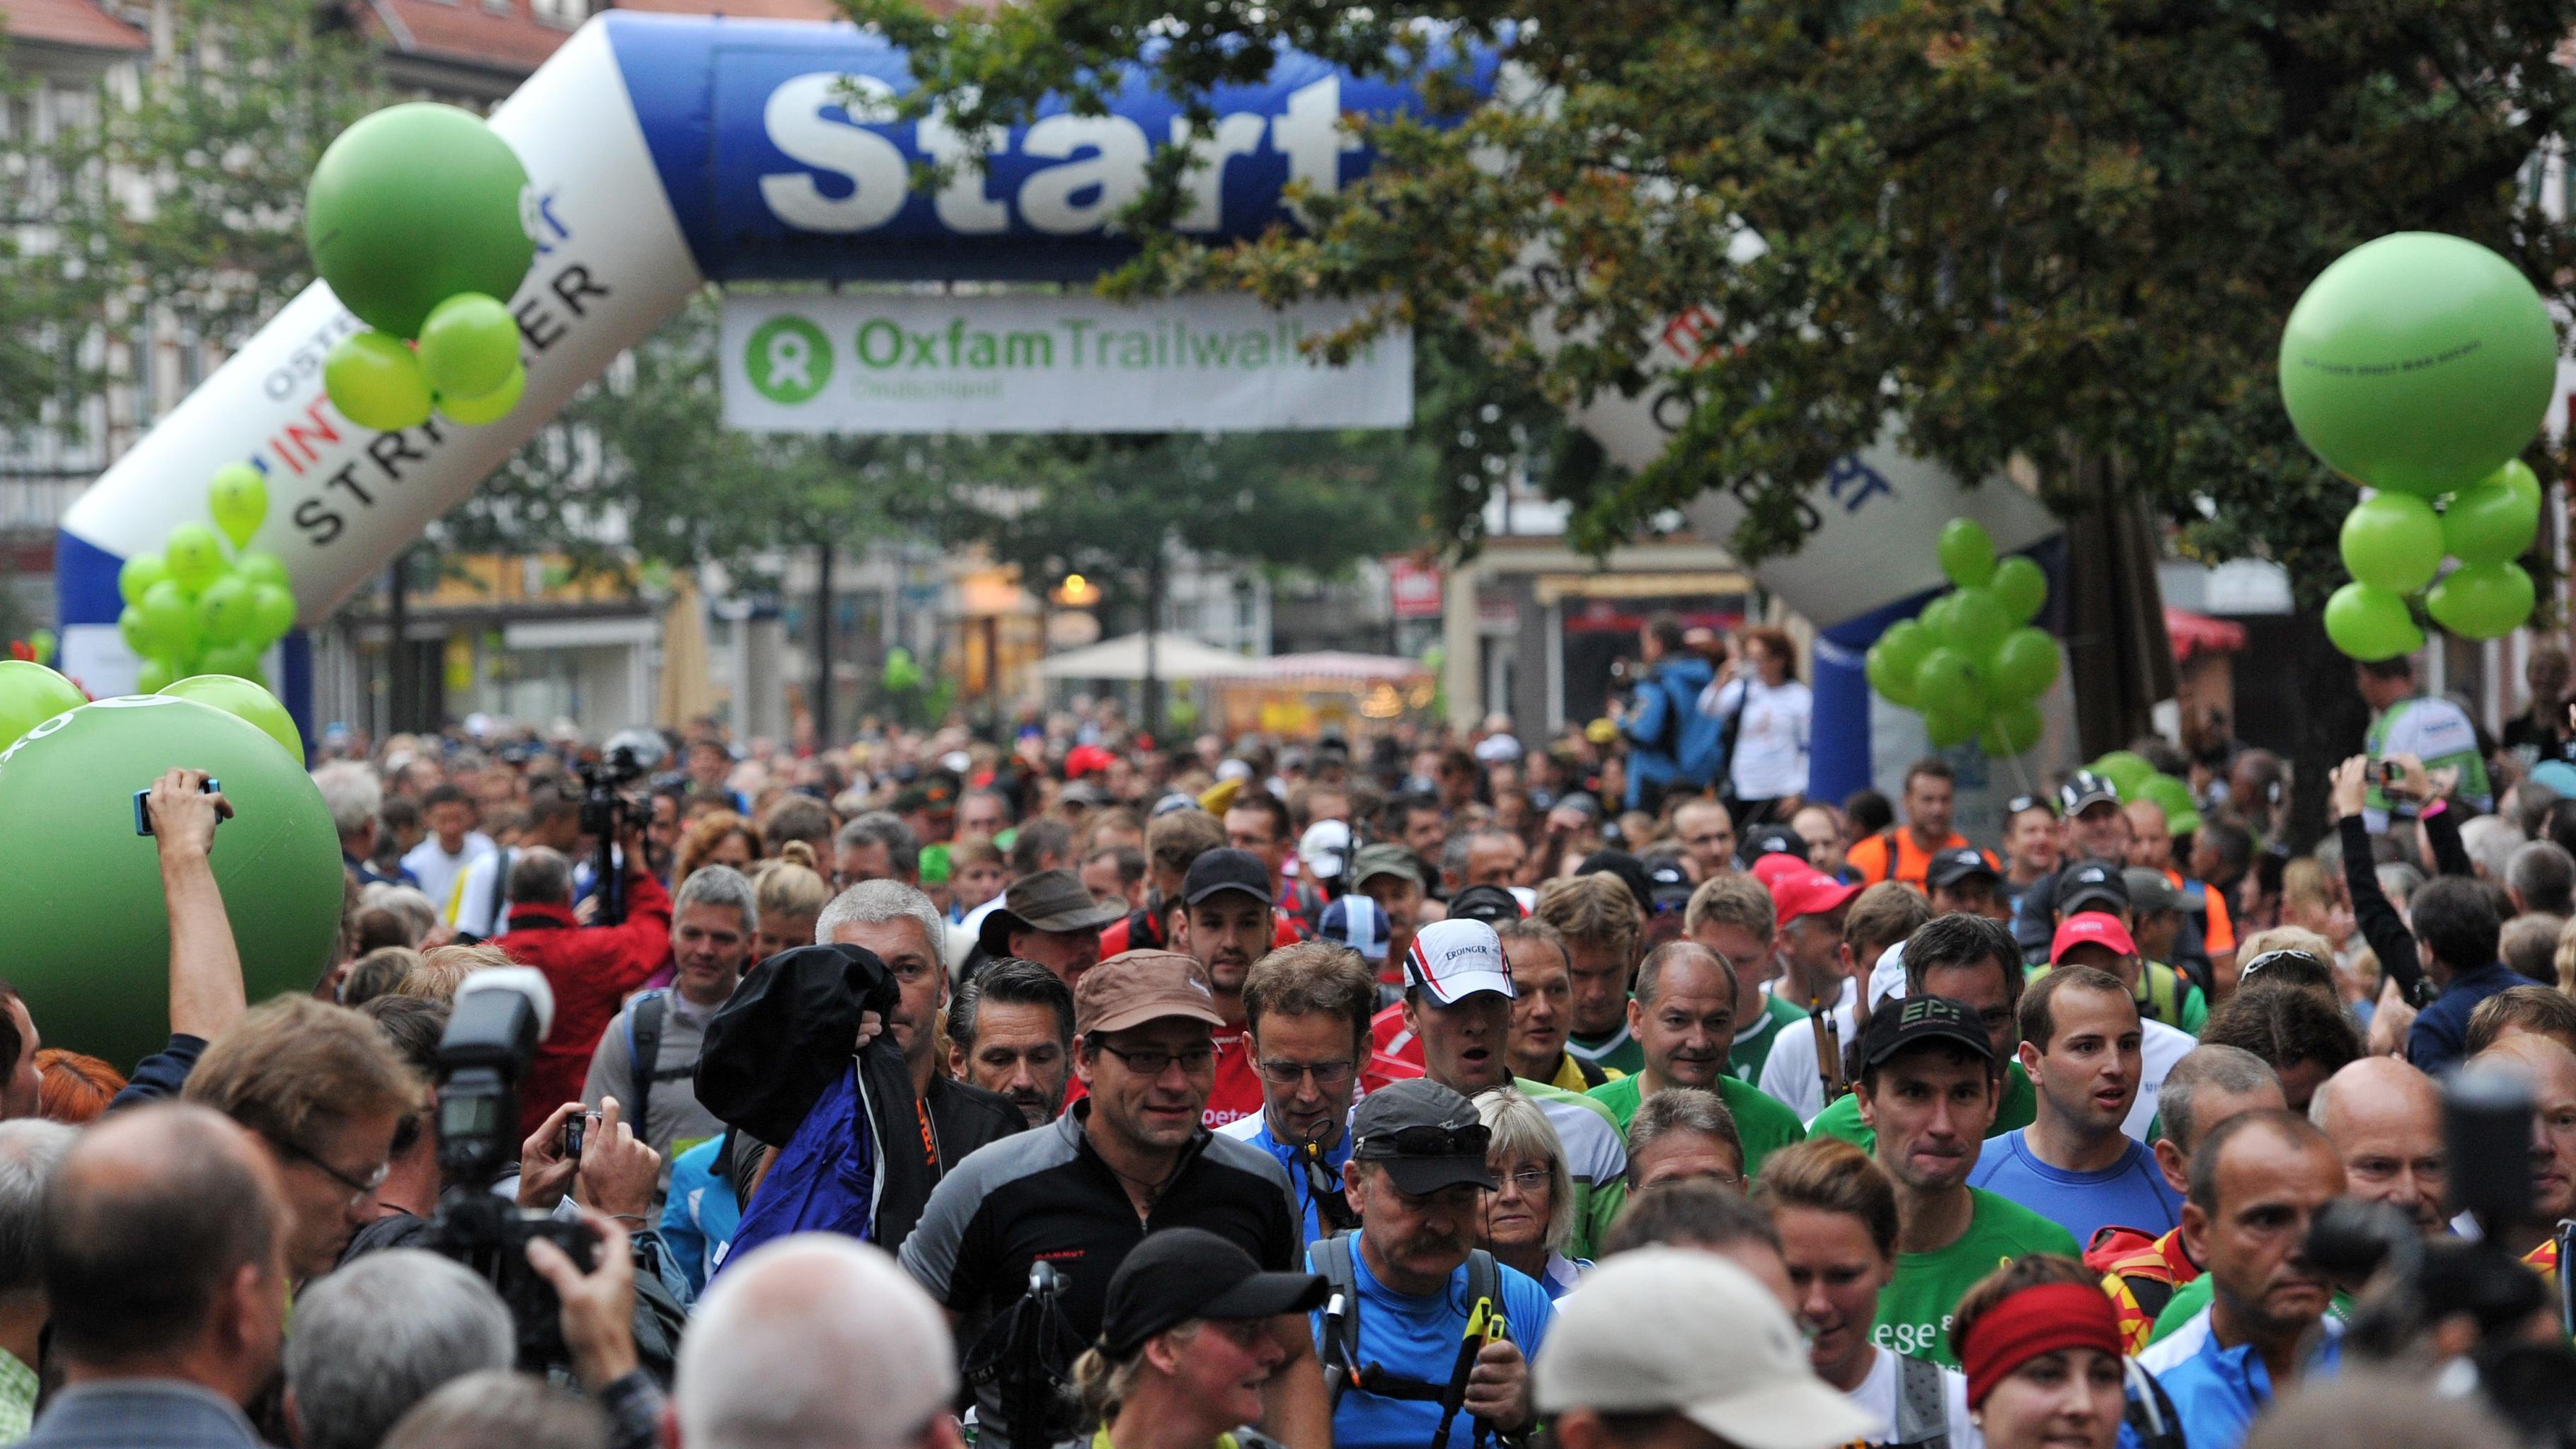 Start des Oxfam Trailwalkers 2012 - das Felder der Läufer/innen